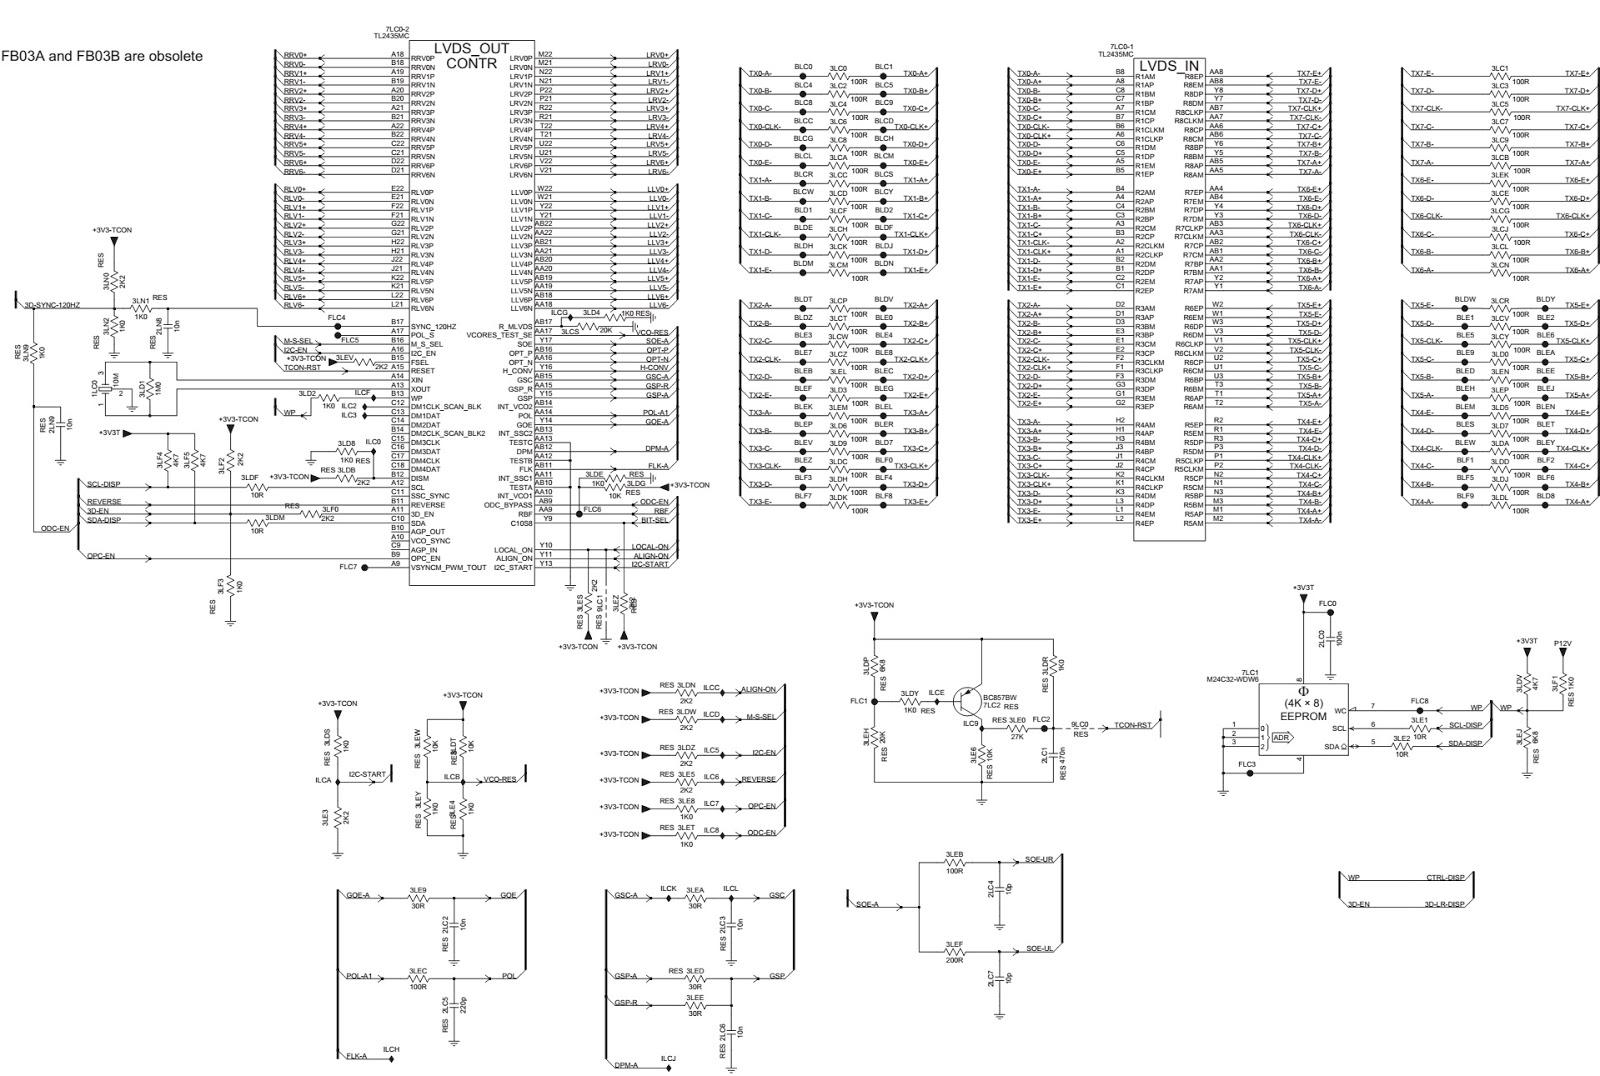 Philips 37 Inch Lcd Tv T Con Board Schematic Fb03c